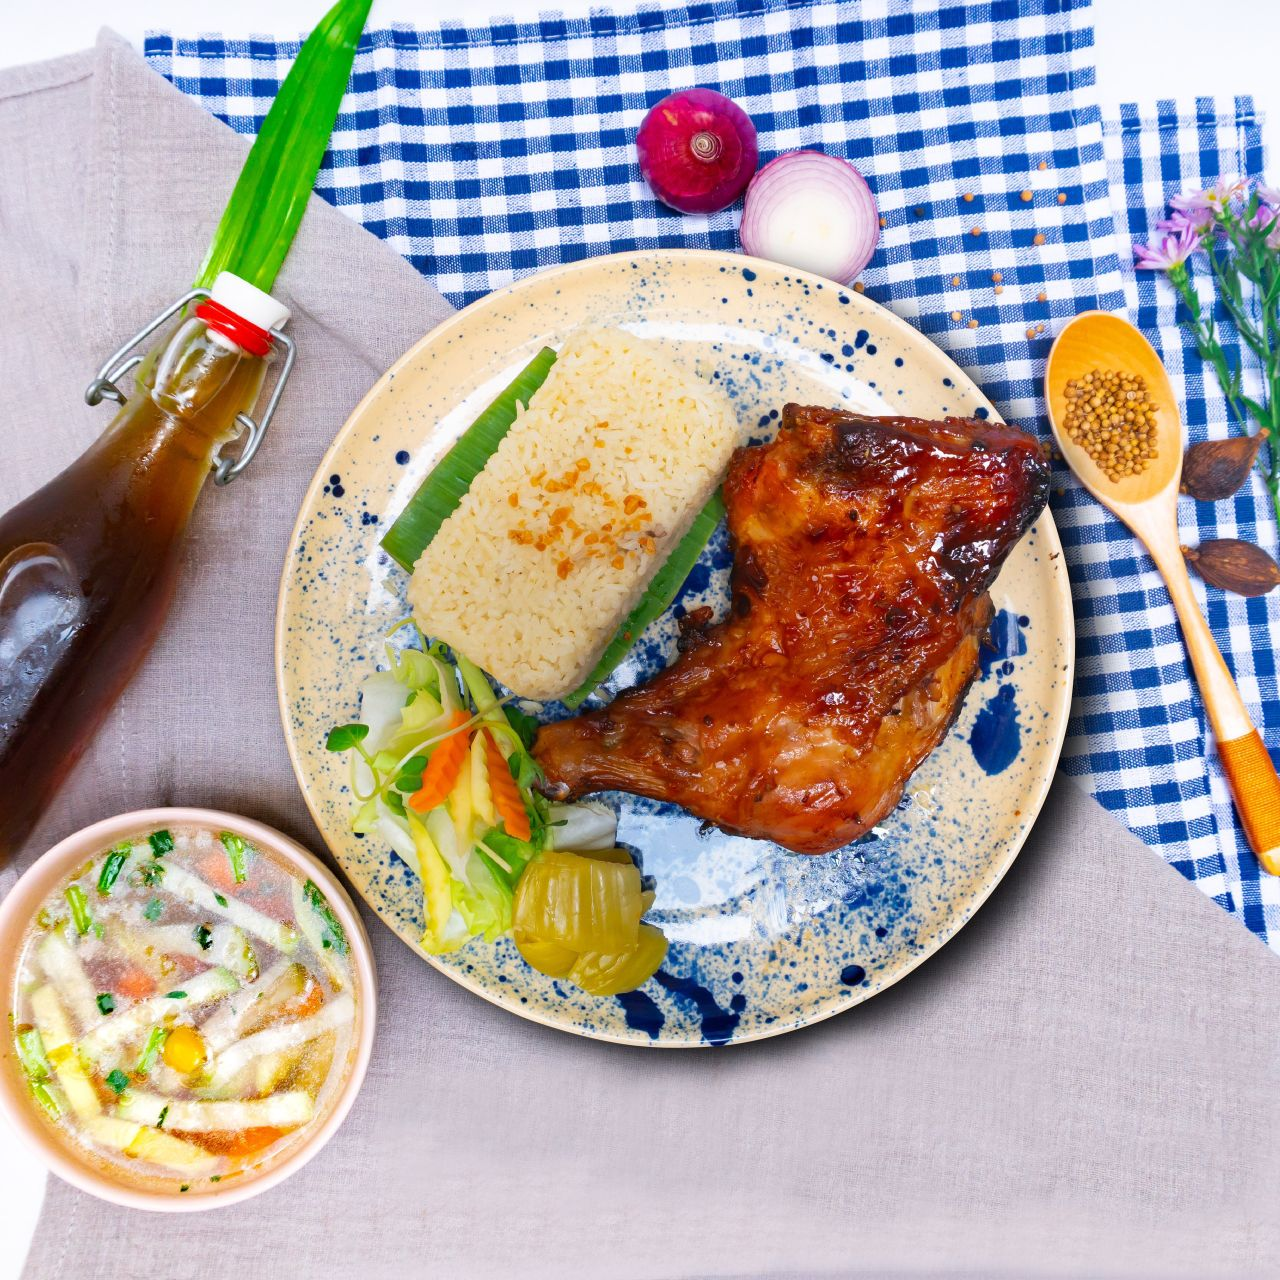 cơm gà quay 1 Saigon Everywhereee – Hương vị từ gian bếp của mẹ